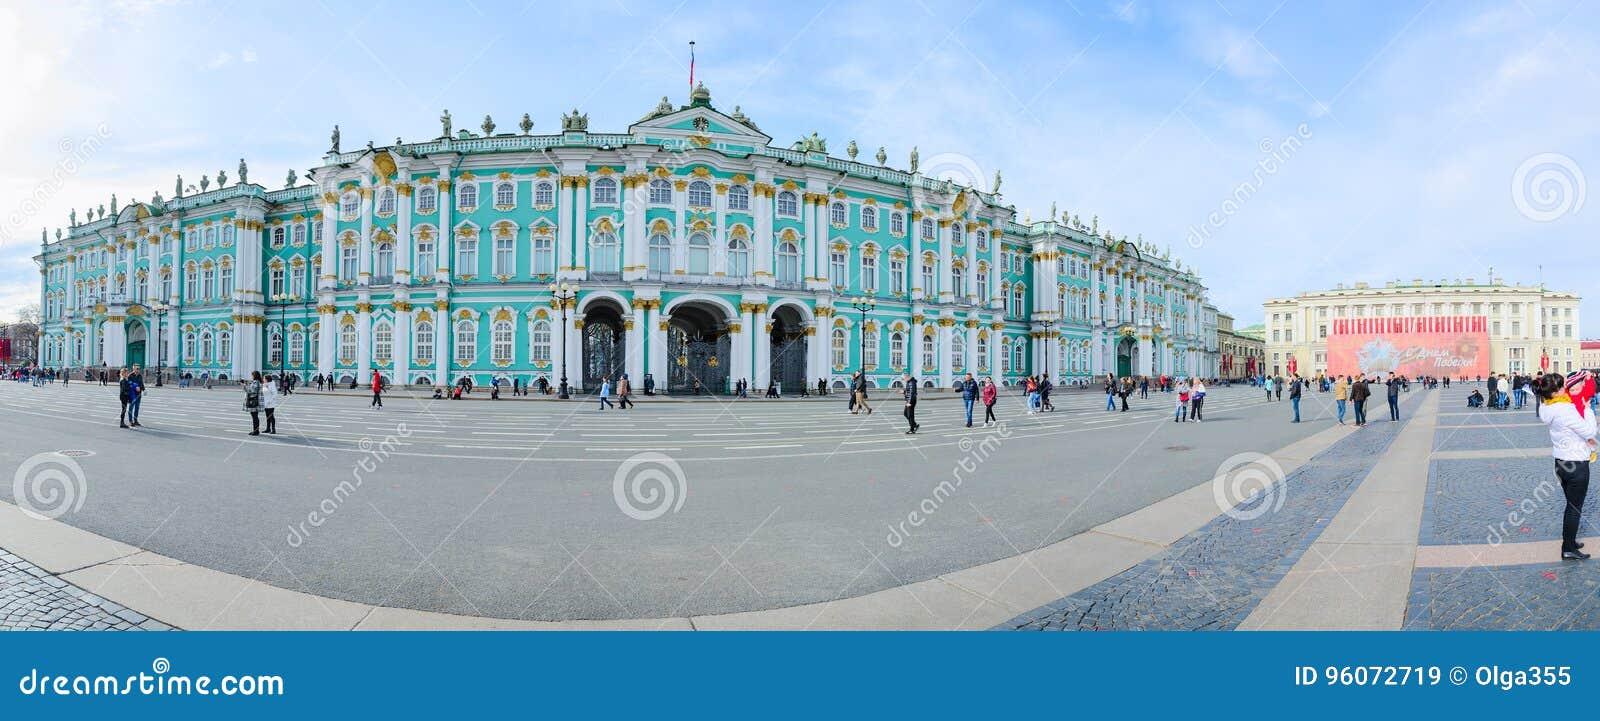 Palacio del invierno del museo de ermita del estado, cuadrado del palacio, St Petersburg, Rusia